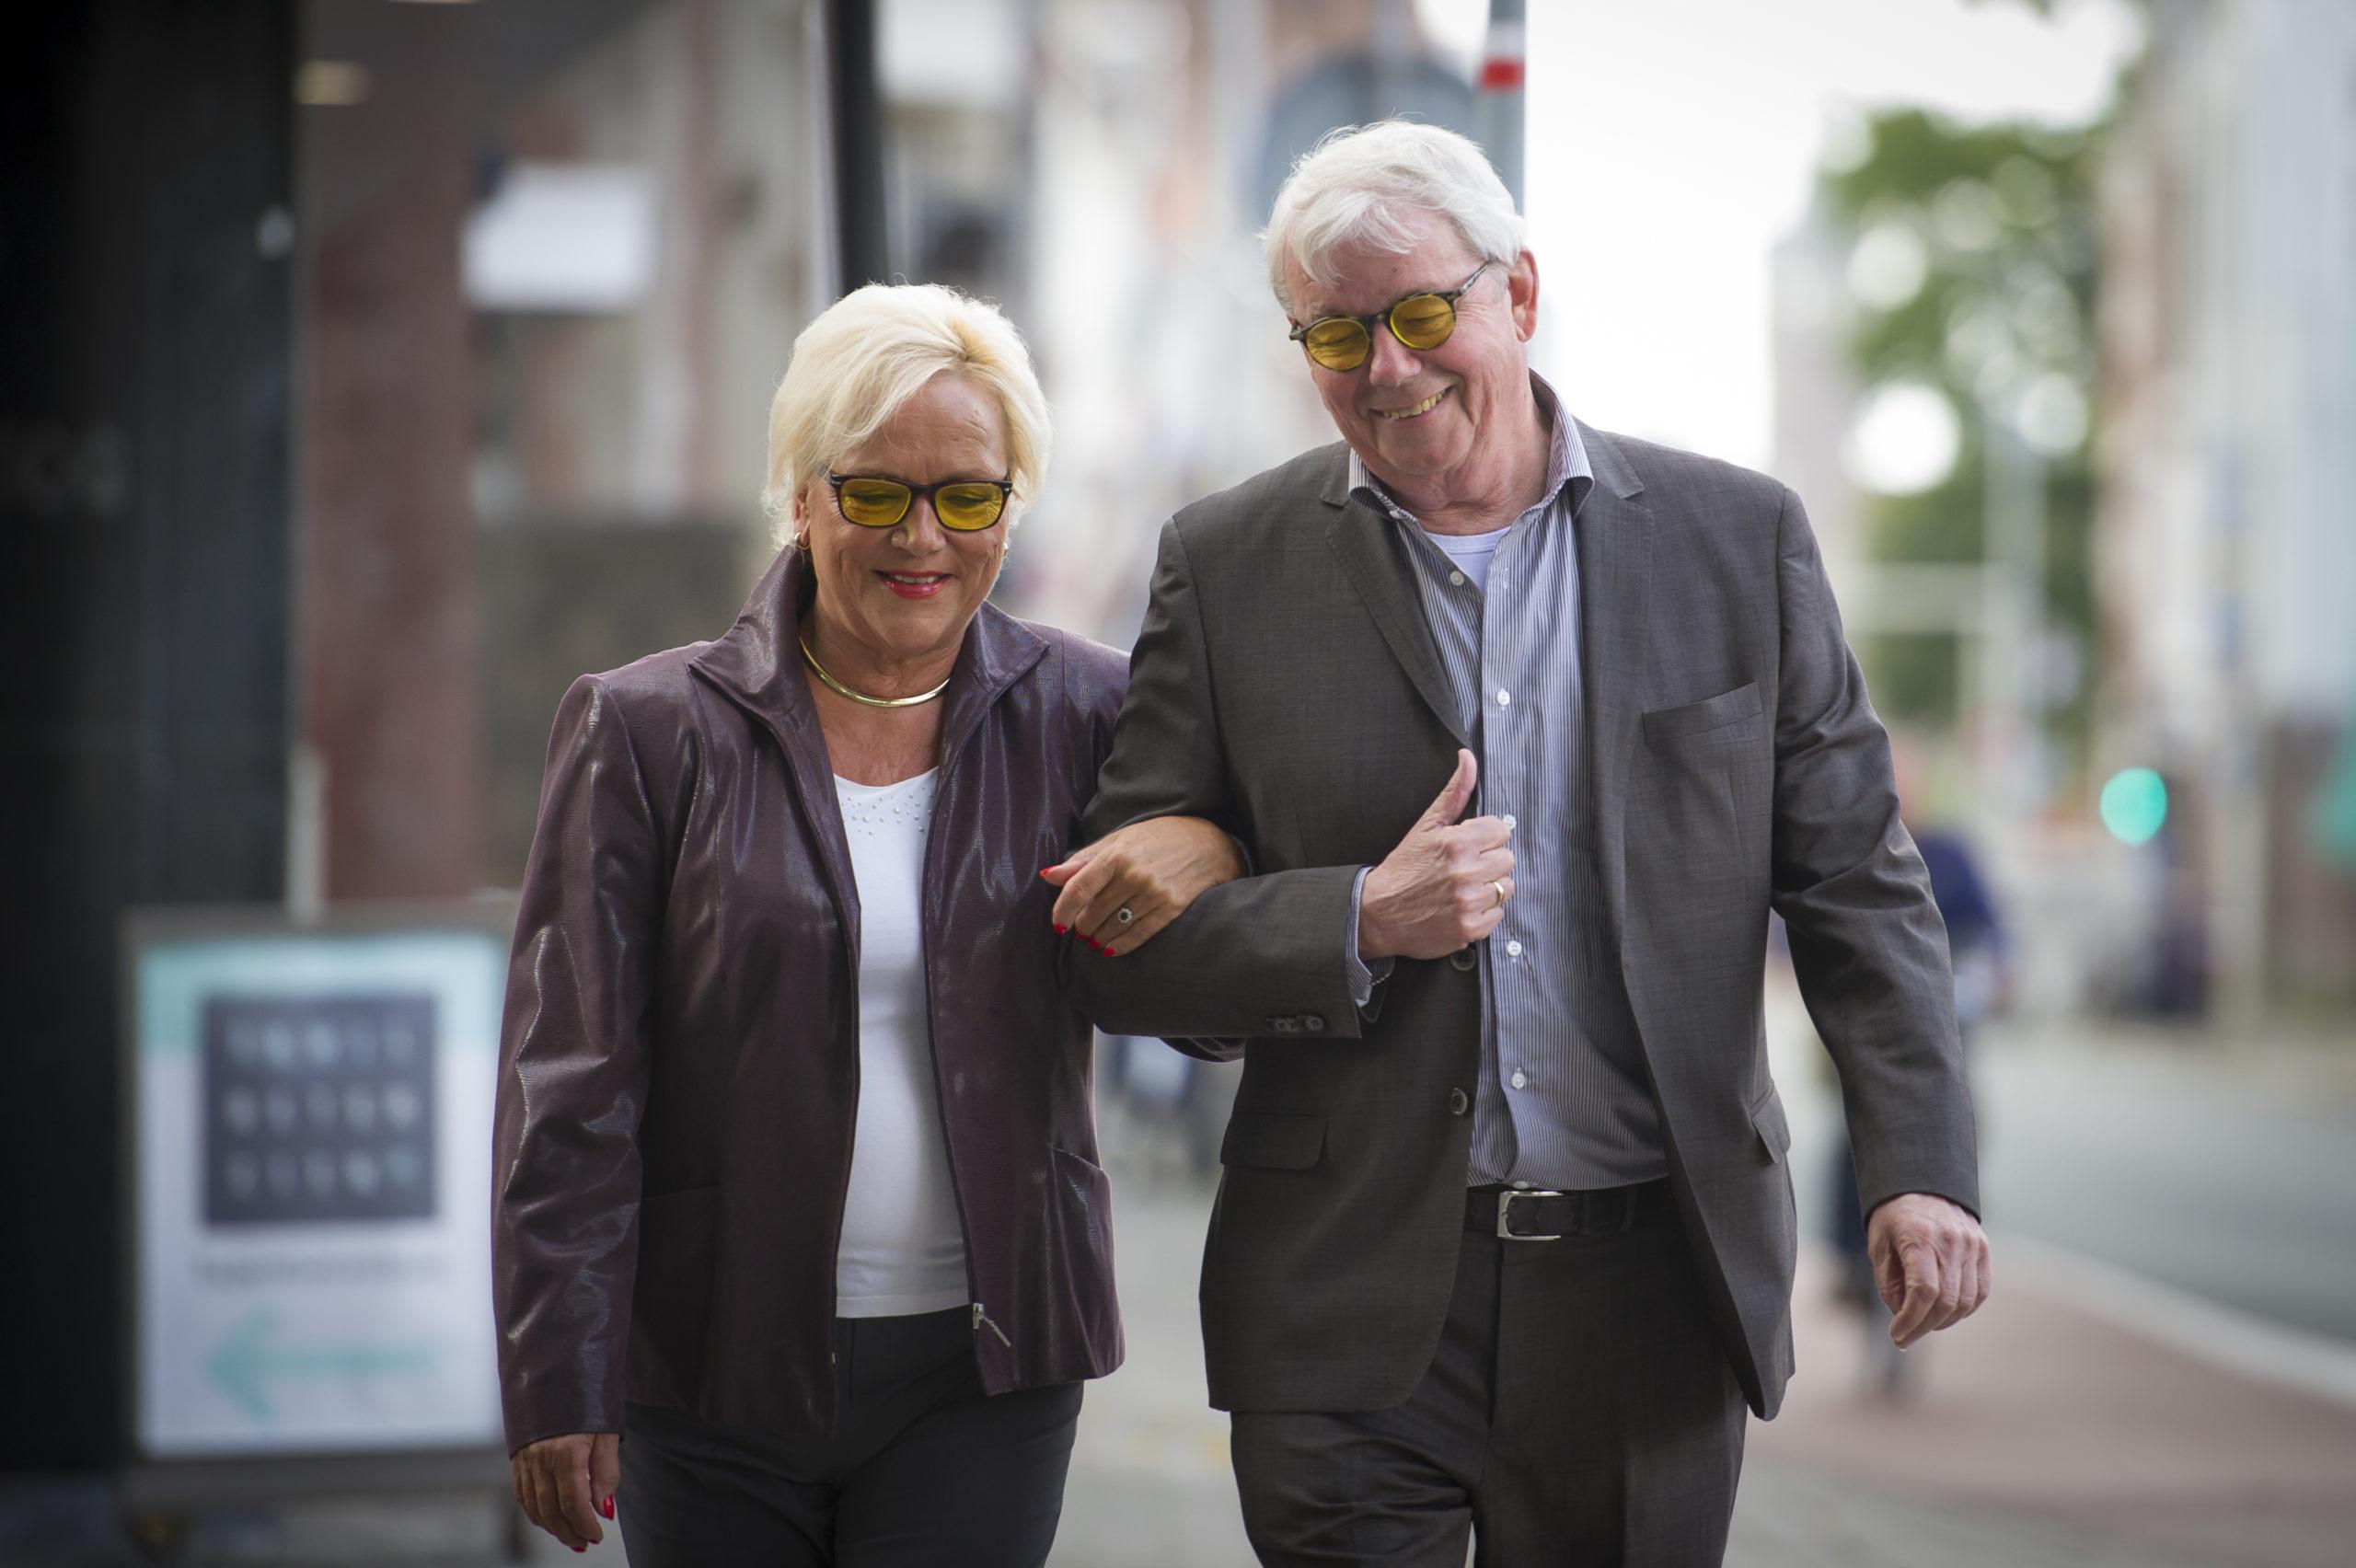 twee blije klanten lopen arm in arm over straat met hun nieuwe E-scoopbril